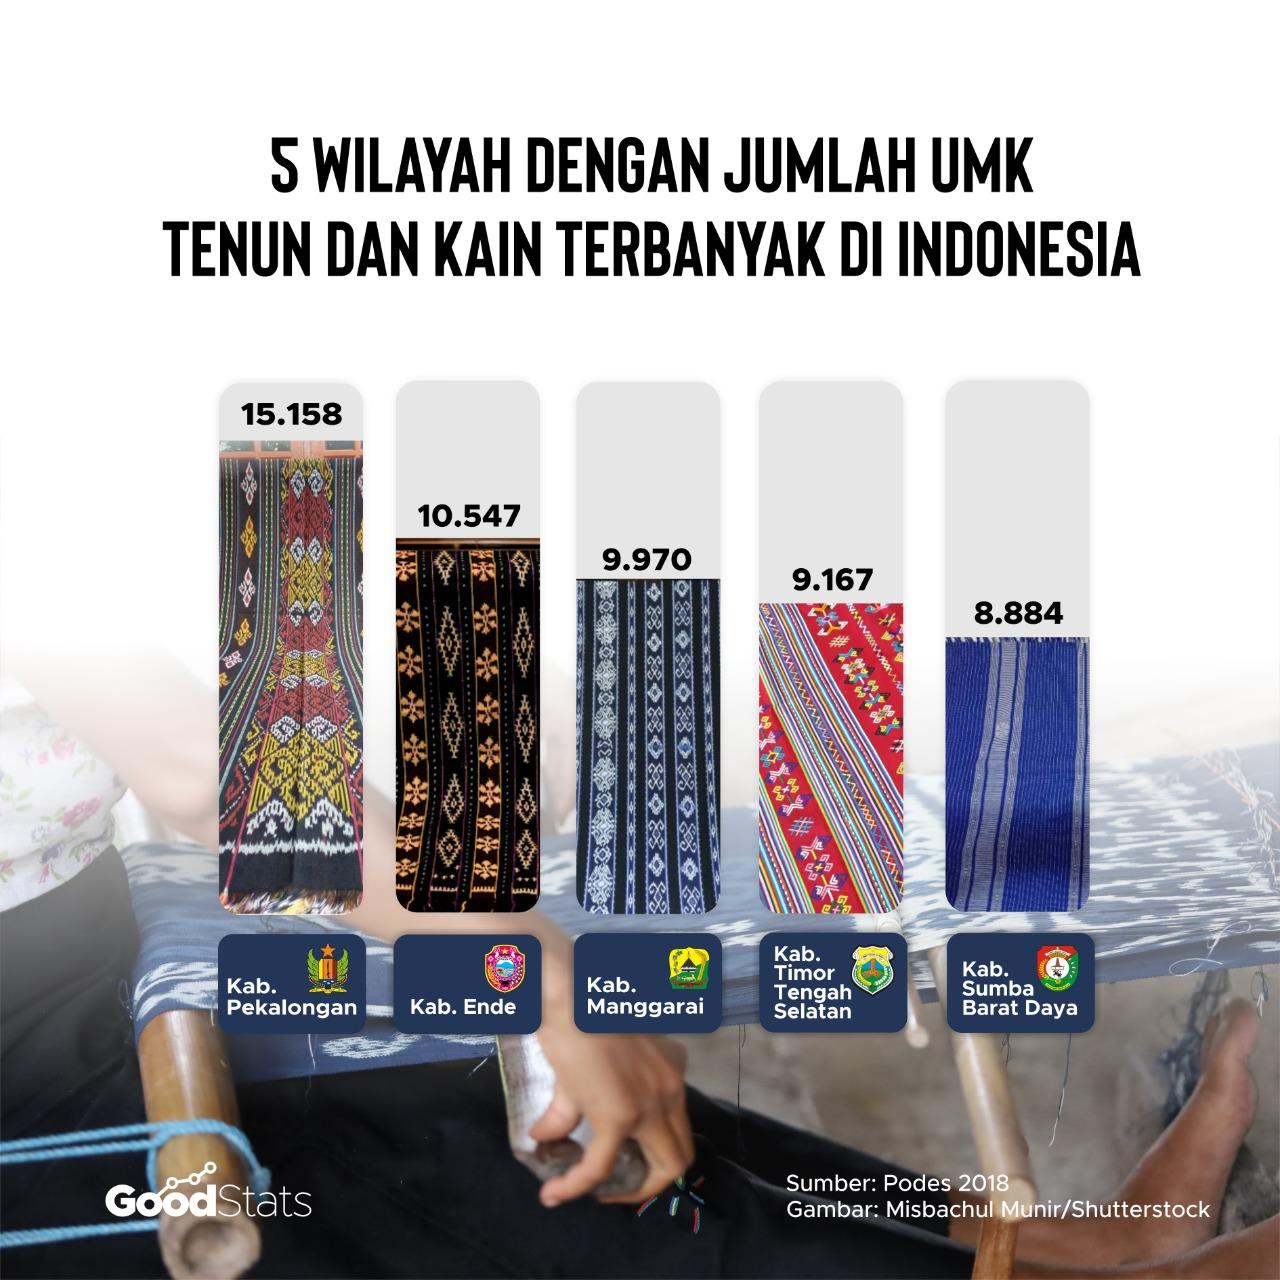 5 Kabupaten di provinsi Nusa Tenggara Timur jadi pusat UMK Kain dan Tenun Indonesia   Infografik : GoodStats